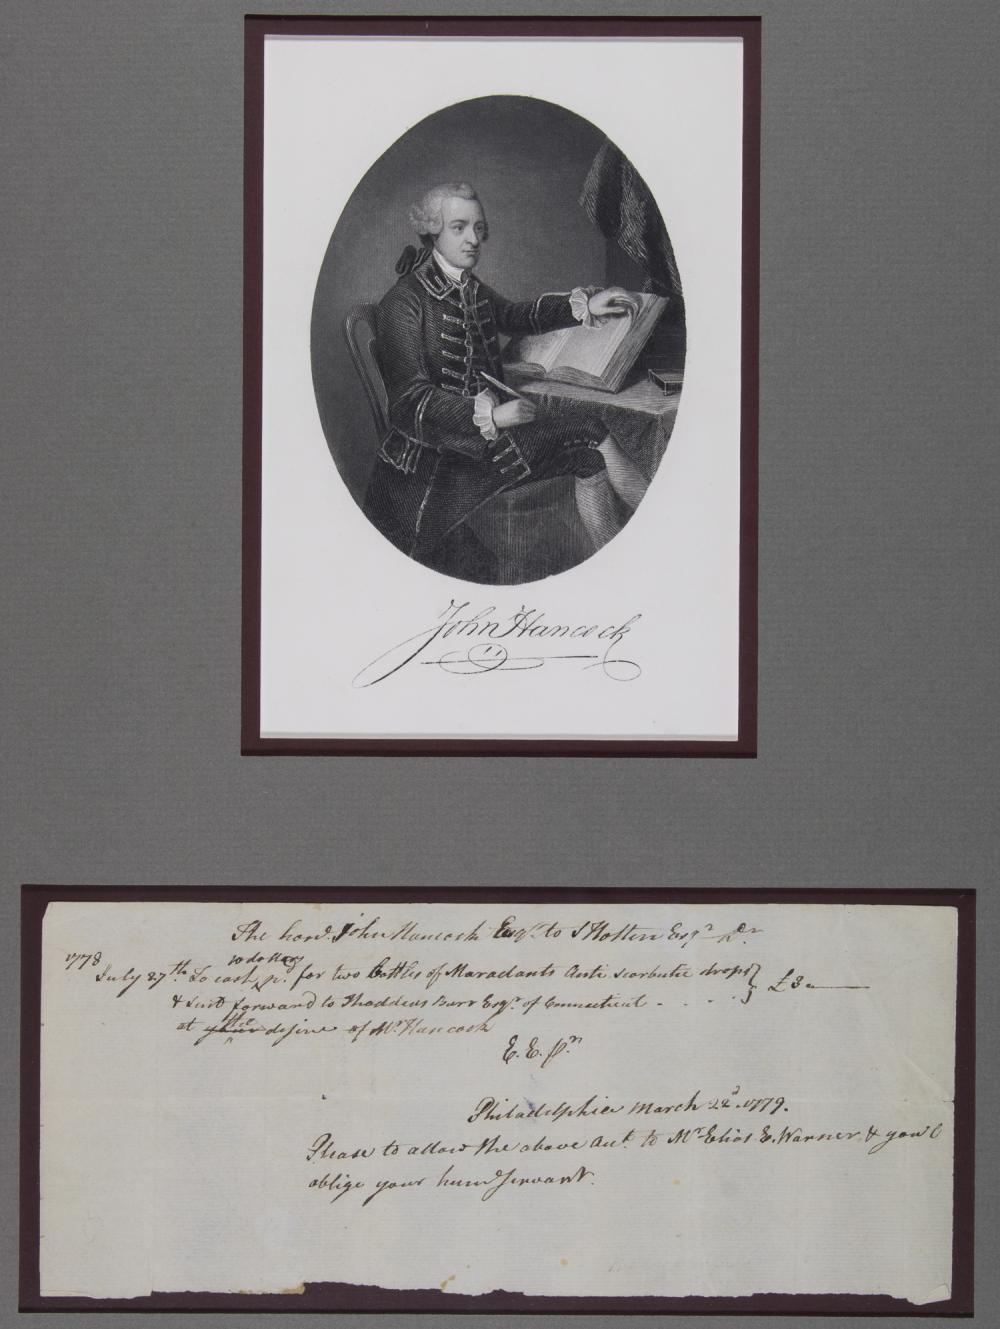 JOHN HANCOCK MEDICAL BILL, 1778